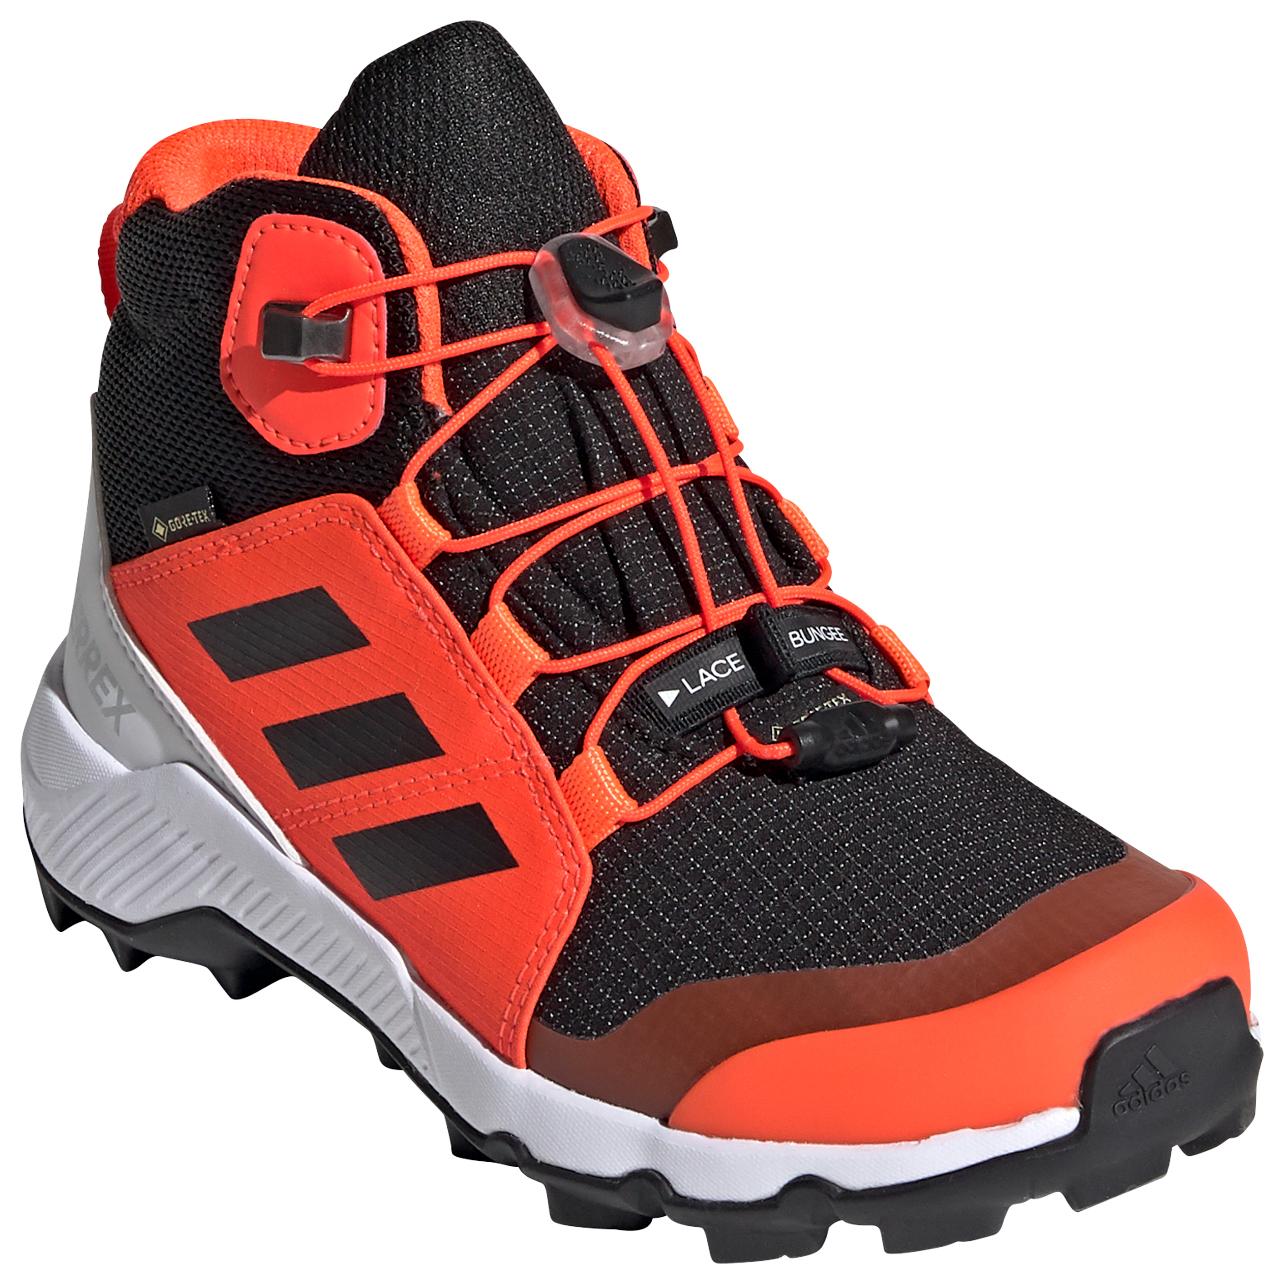 Adidas Terrex Mid GTX - Walking boots